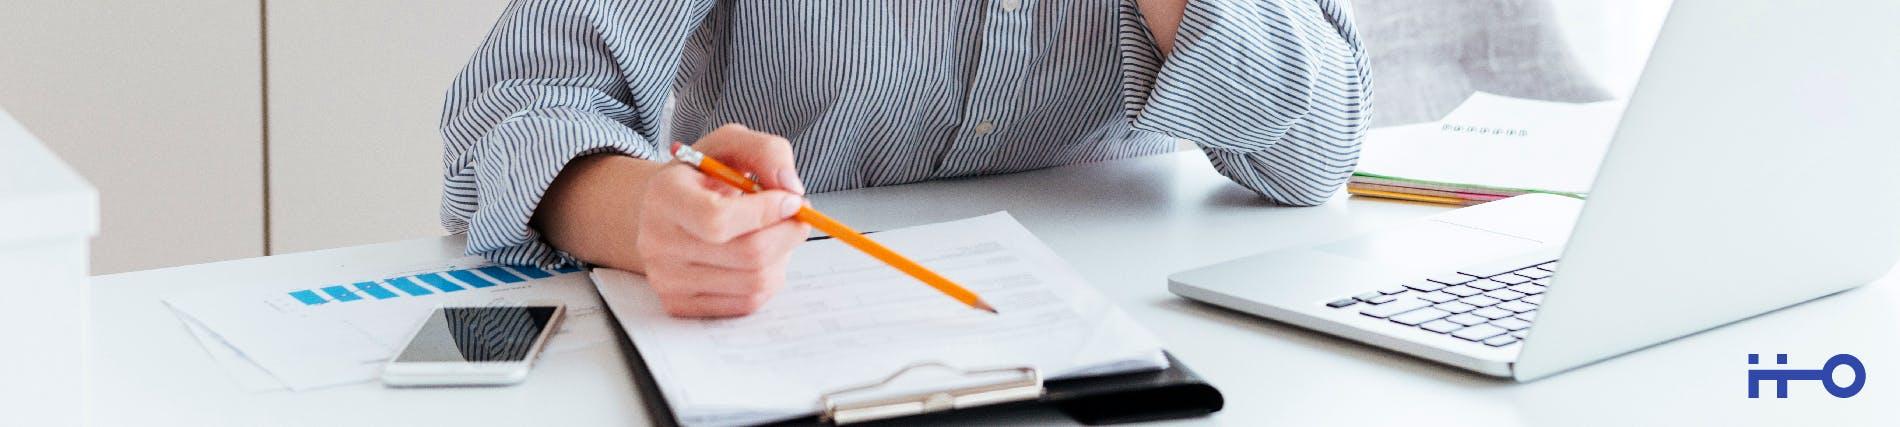 Calcula el valor de tu crédito hipotecario